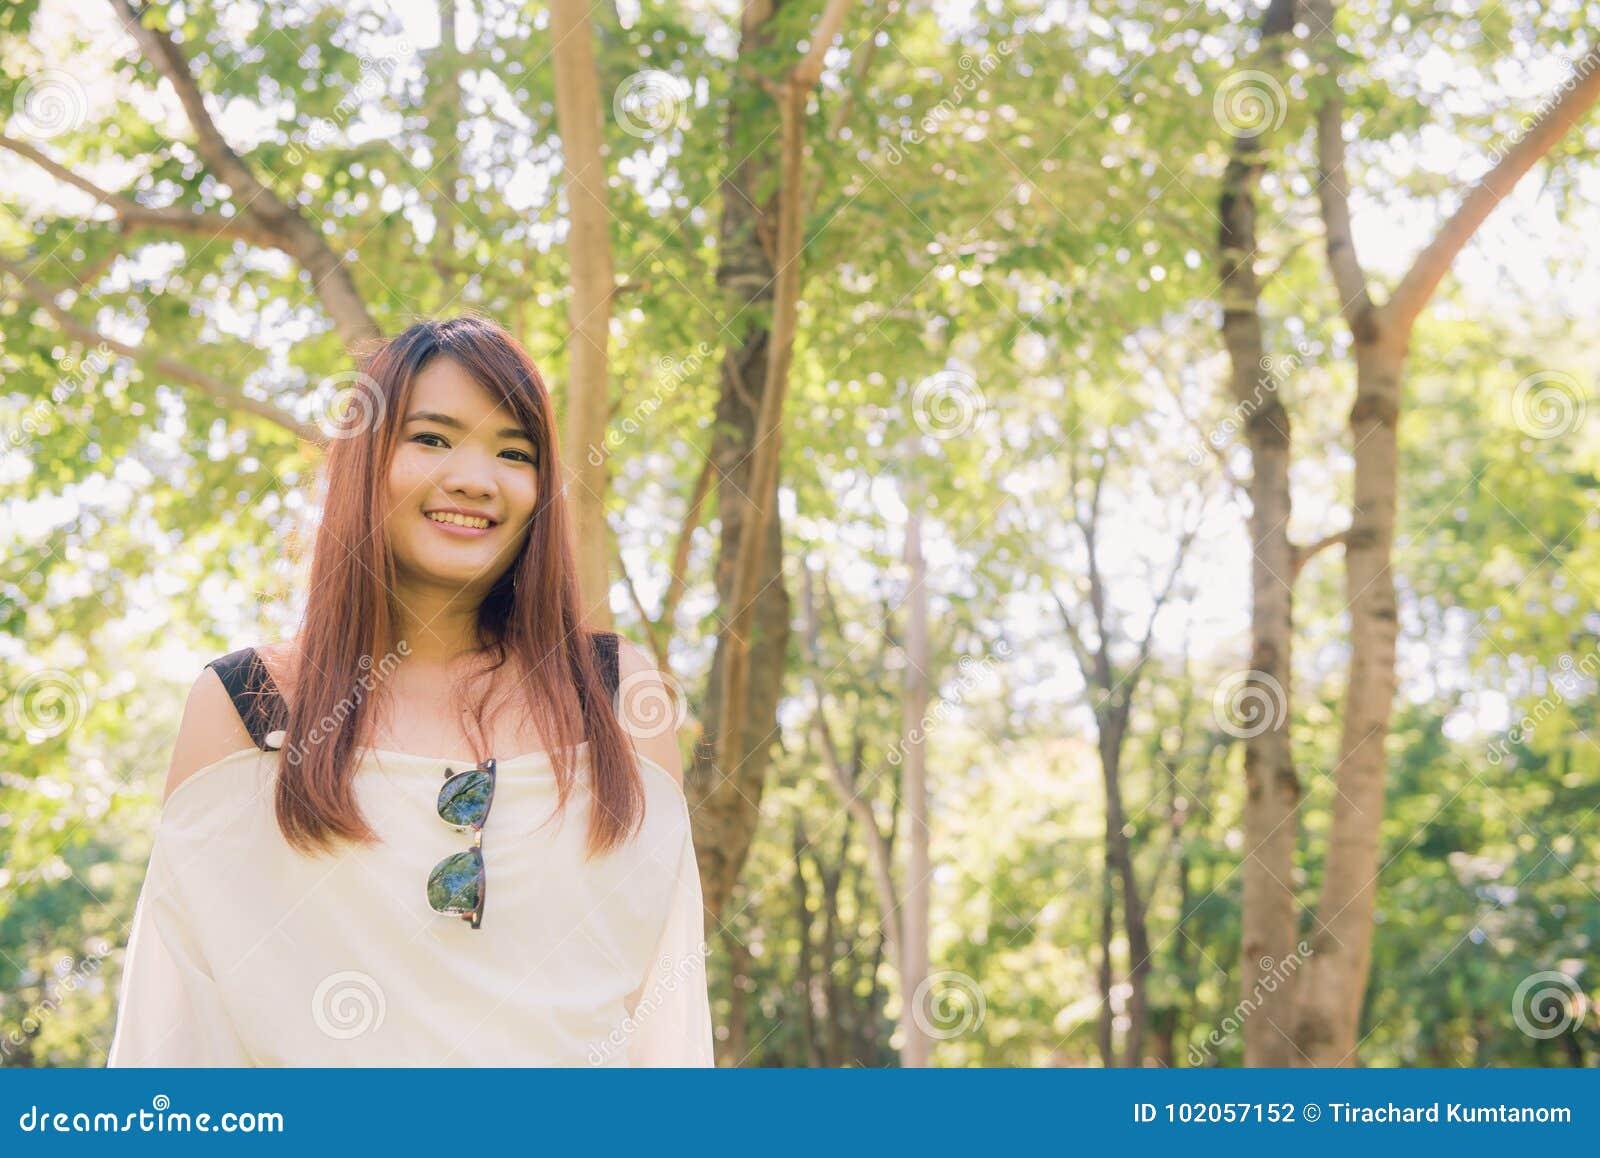 απόλαυση της φύσης Η νέα ασιατική γυναίκα οπλίζει αυξημένος απολαμβάνοντας το καθαρό αέρα στο πράσινο δάσος